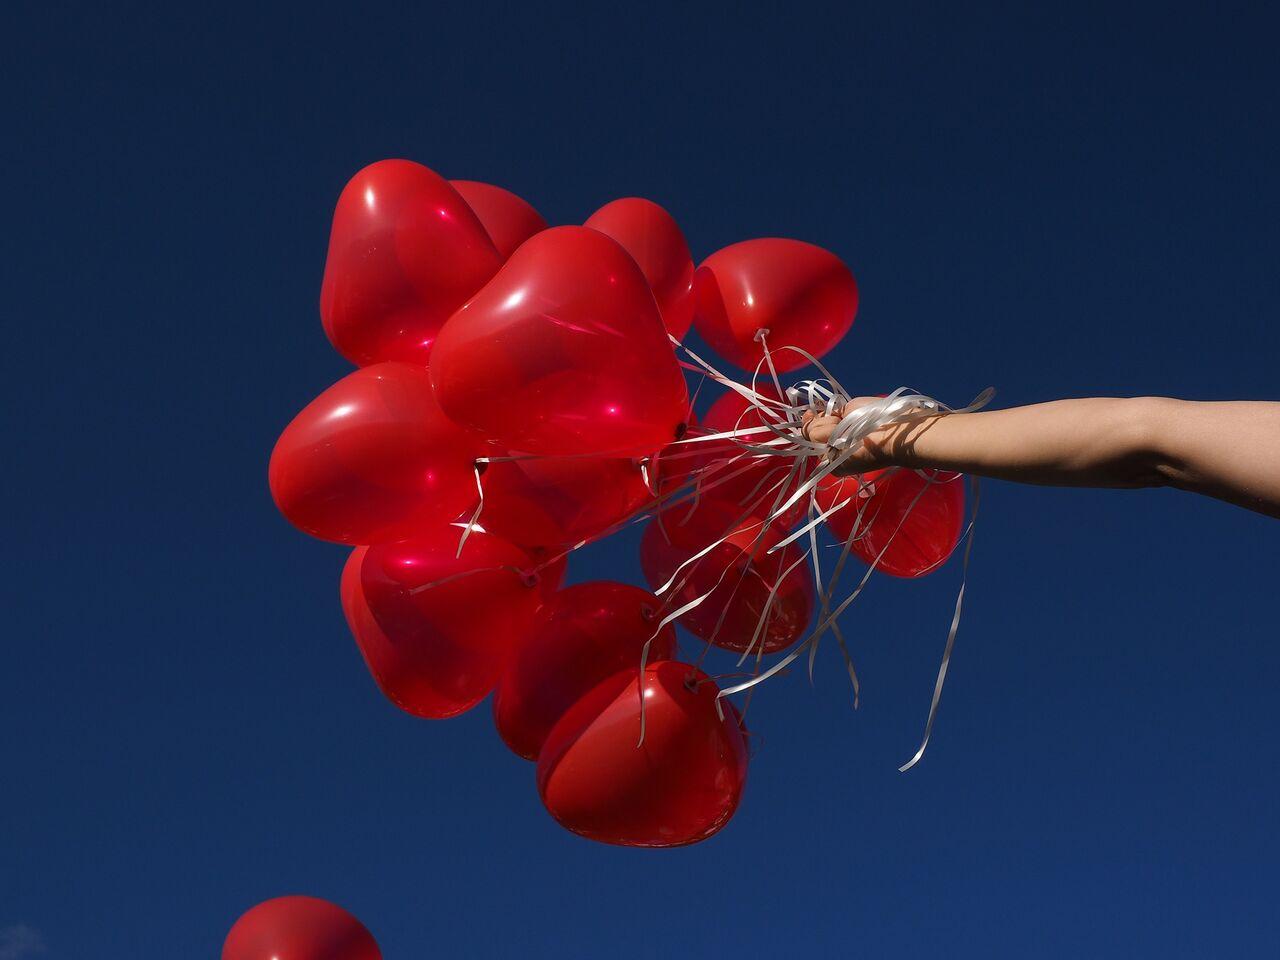 balloons-693737_1920